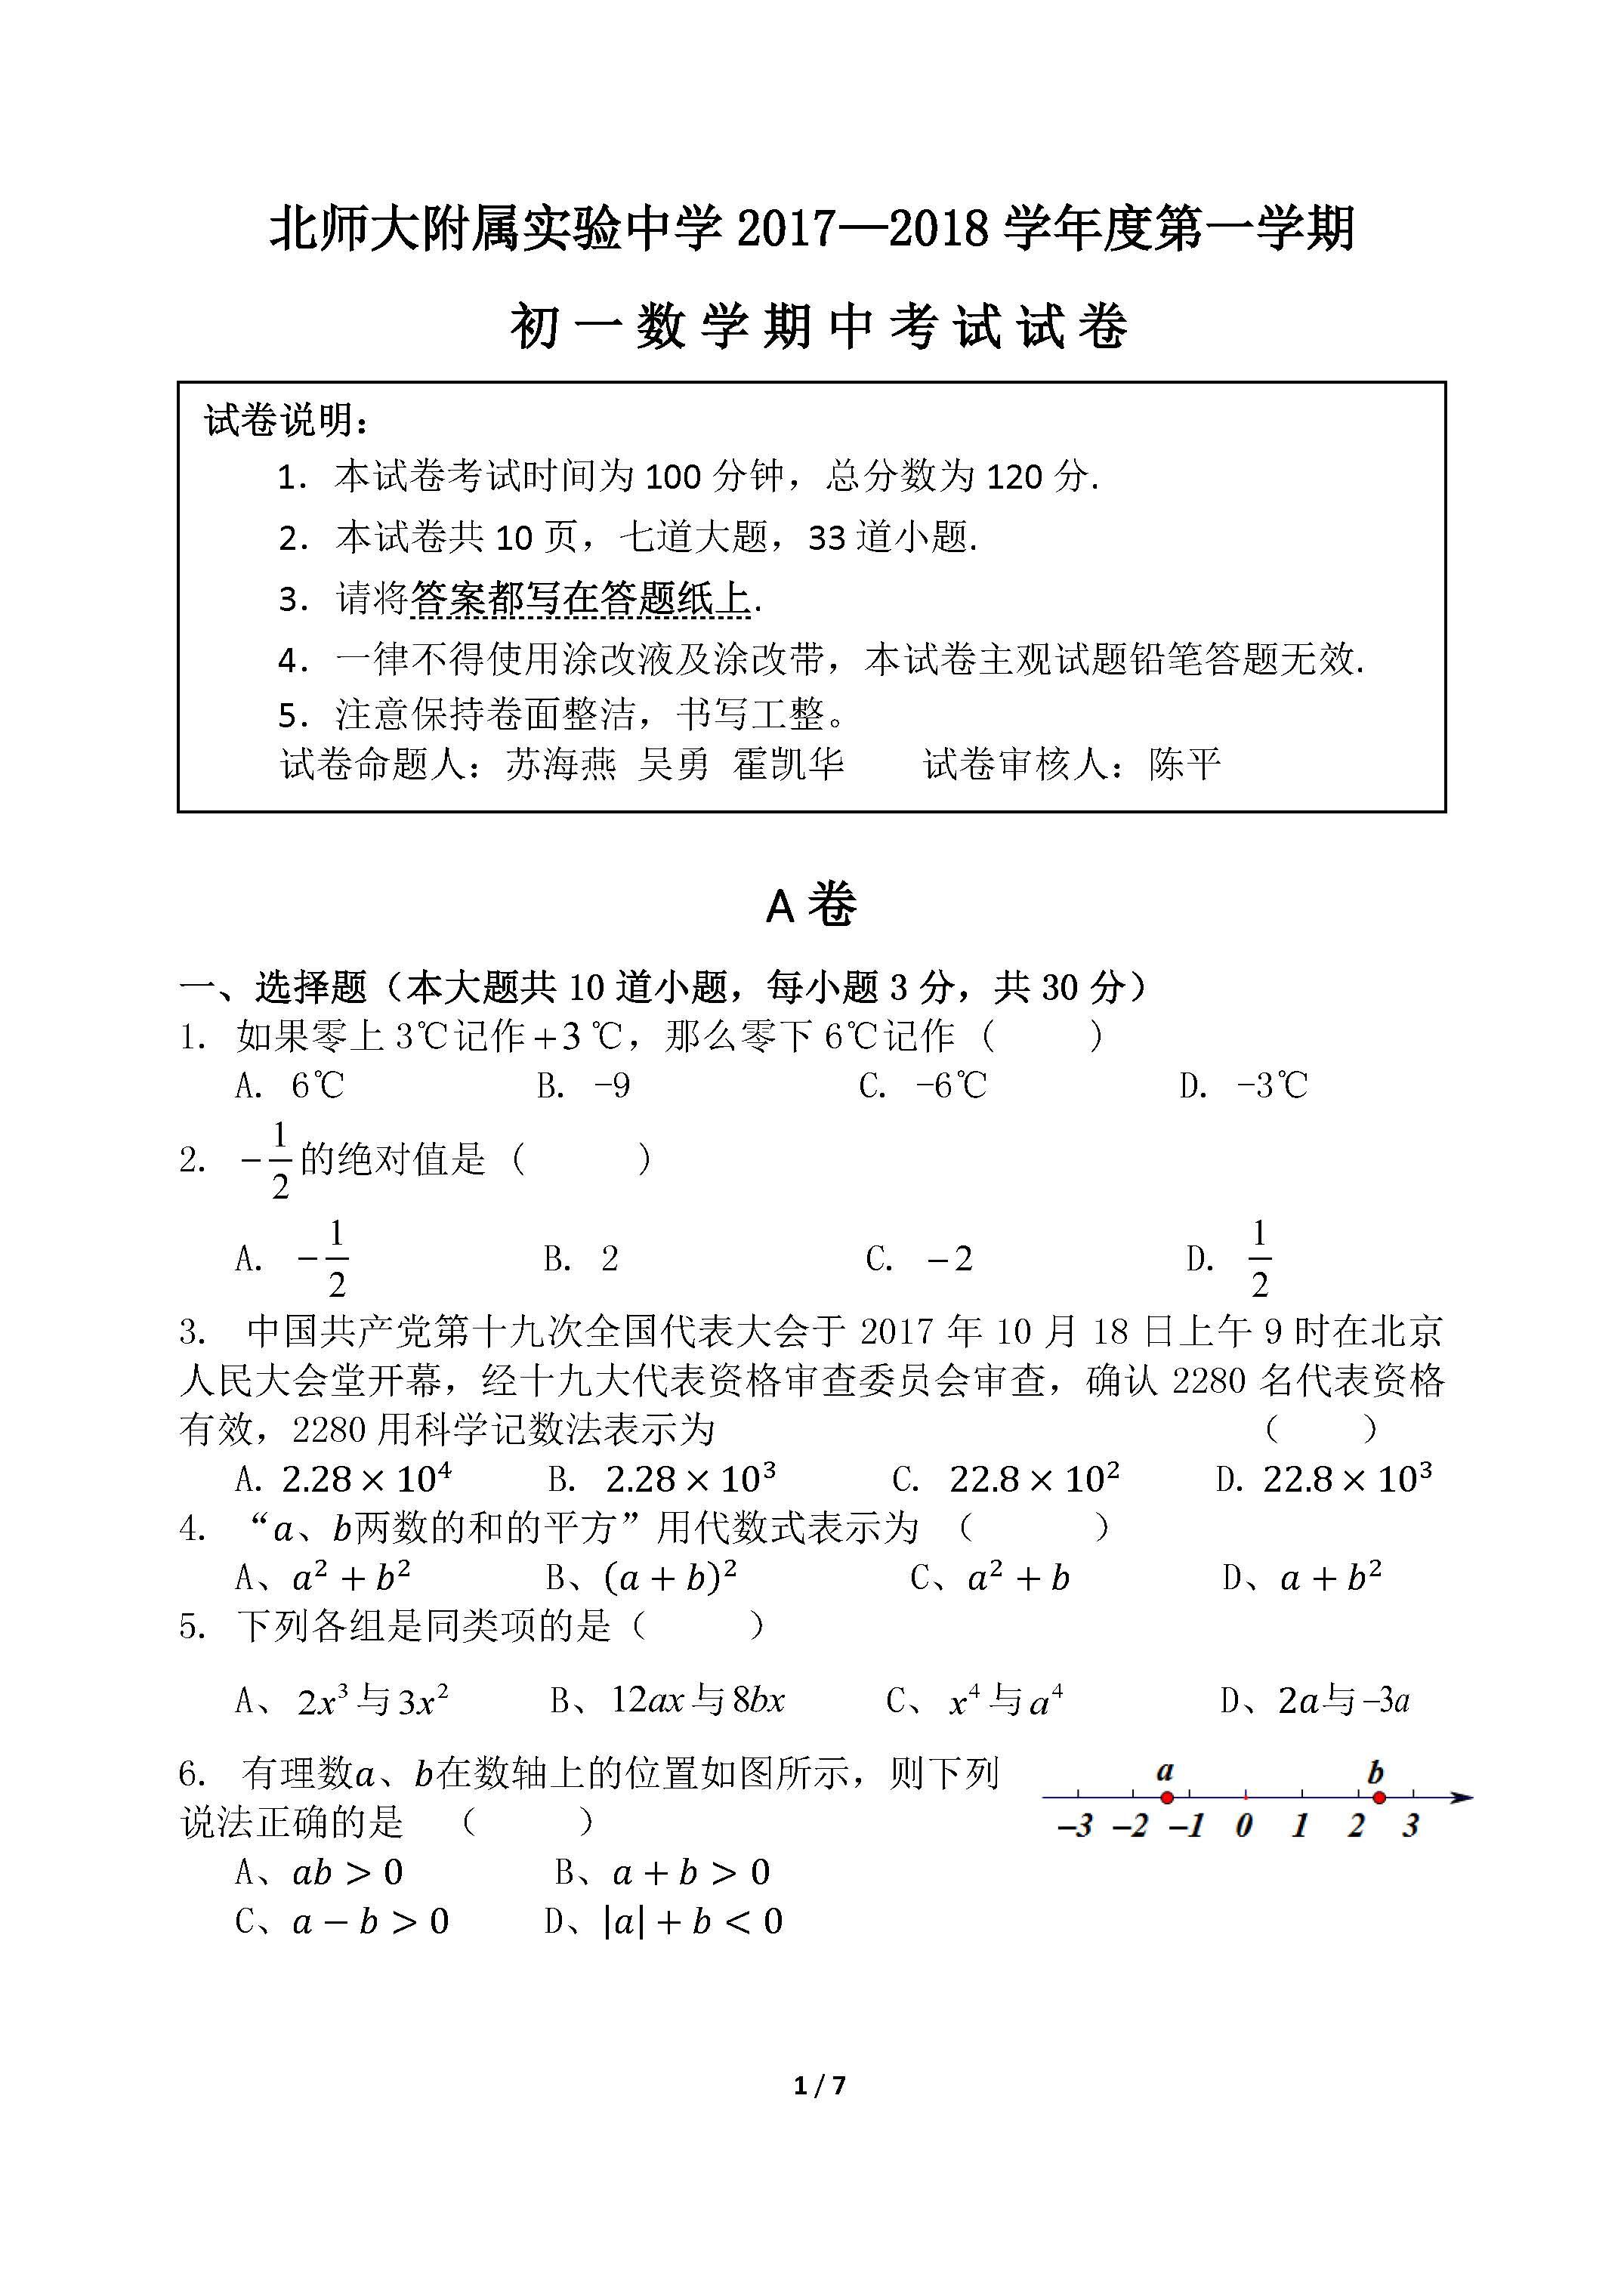 2017学年北师大附属实验中学初一数学期中试题(图片版)